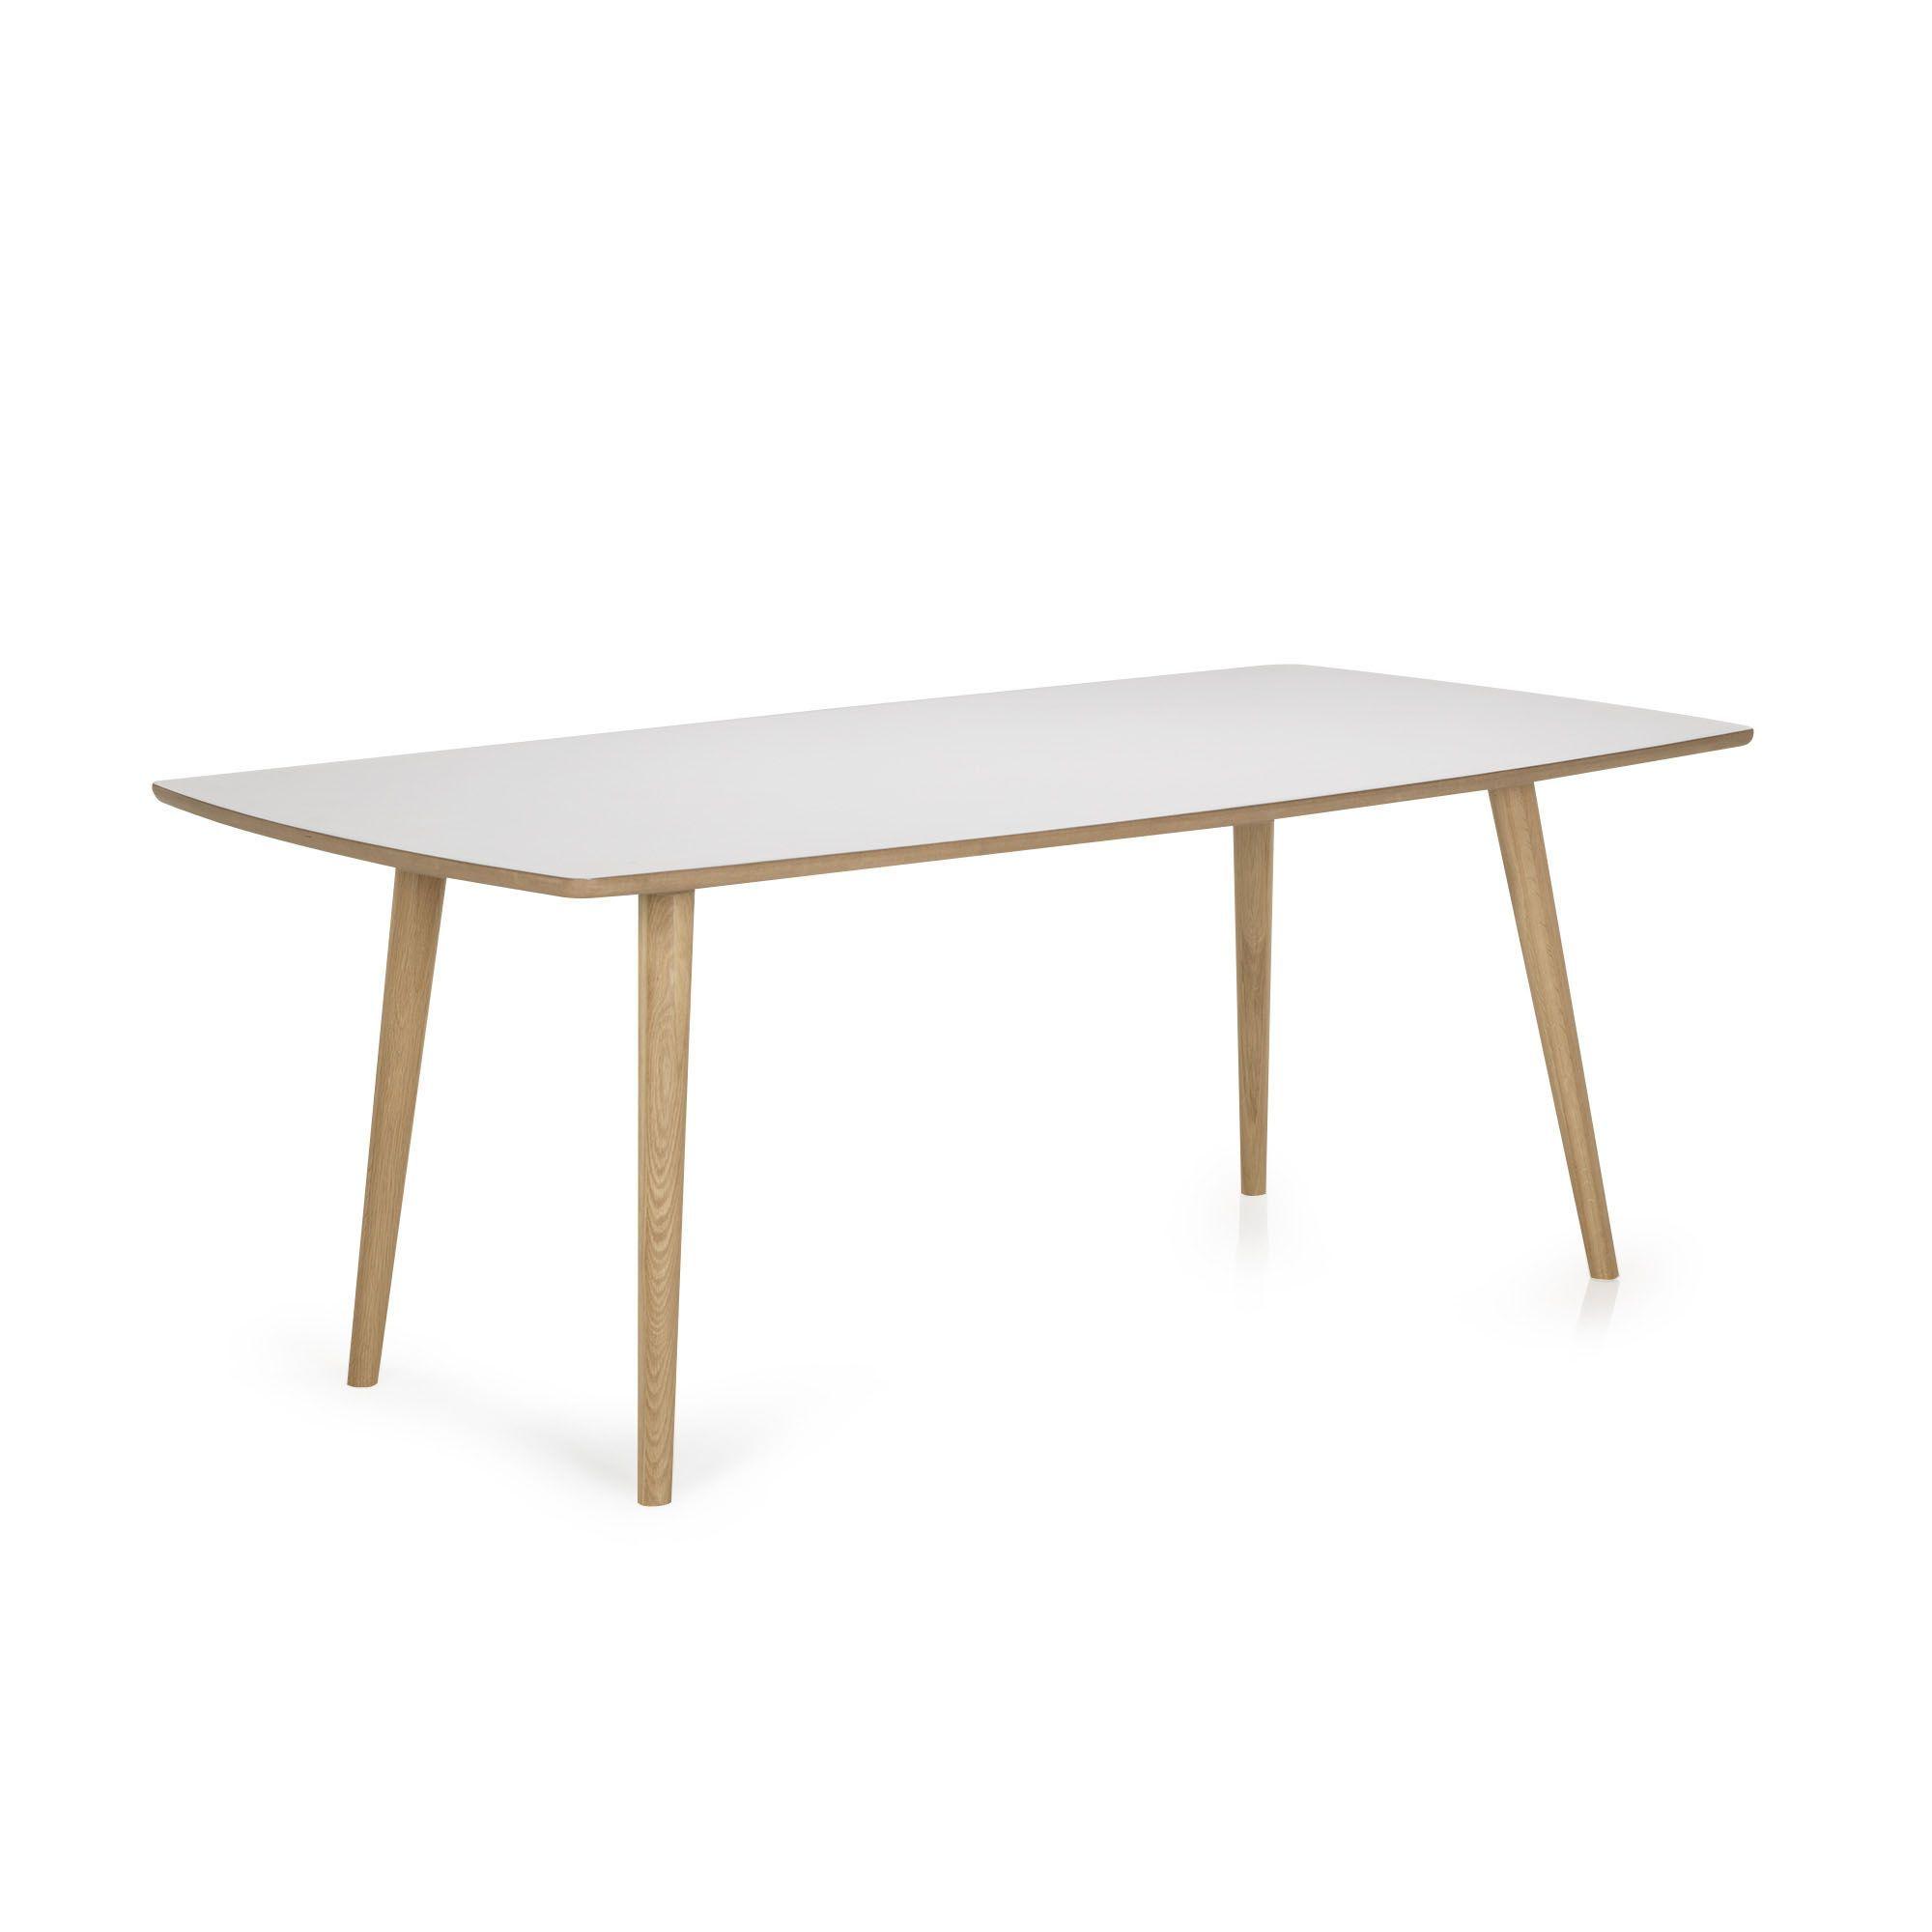 de formica repas L180cm et Table en Skandy chêne 43RLA5j